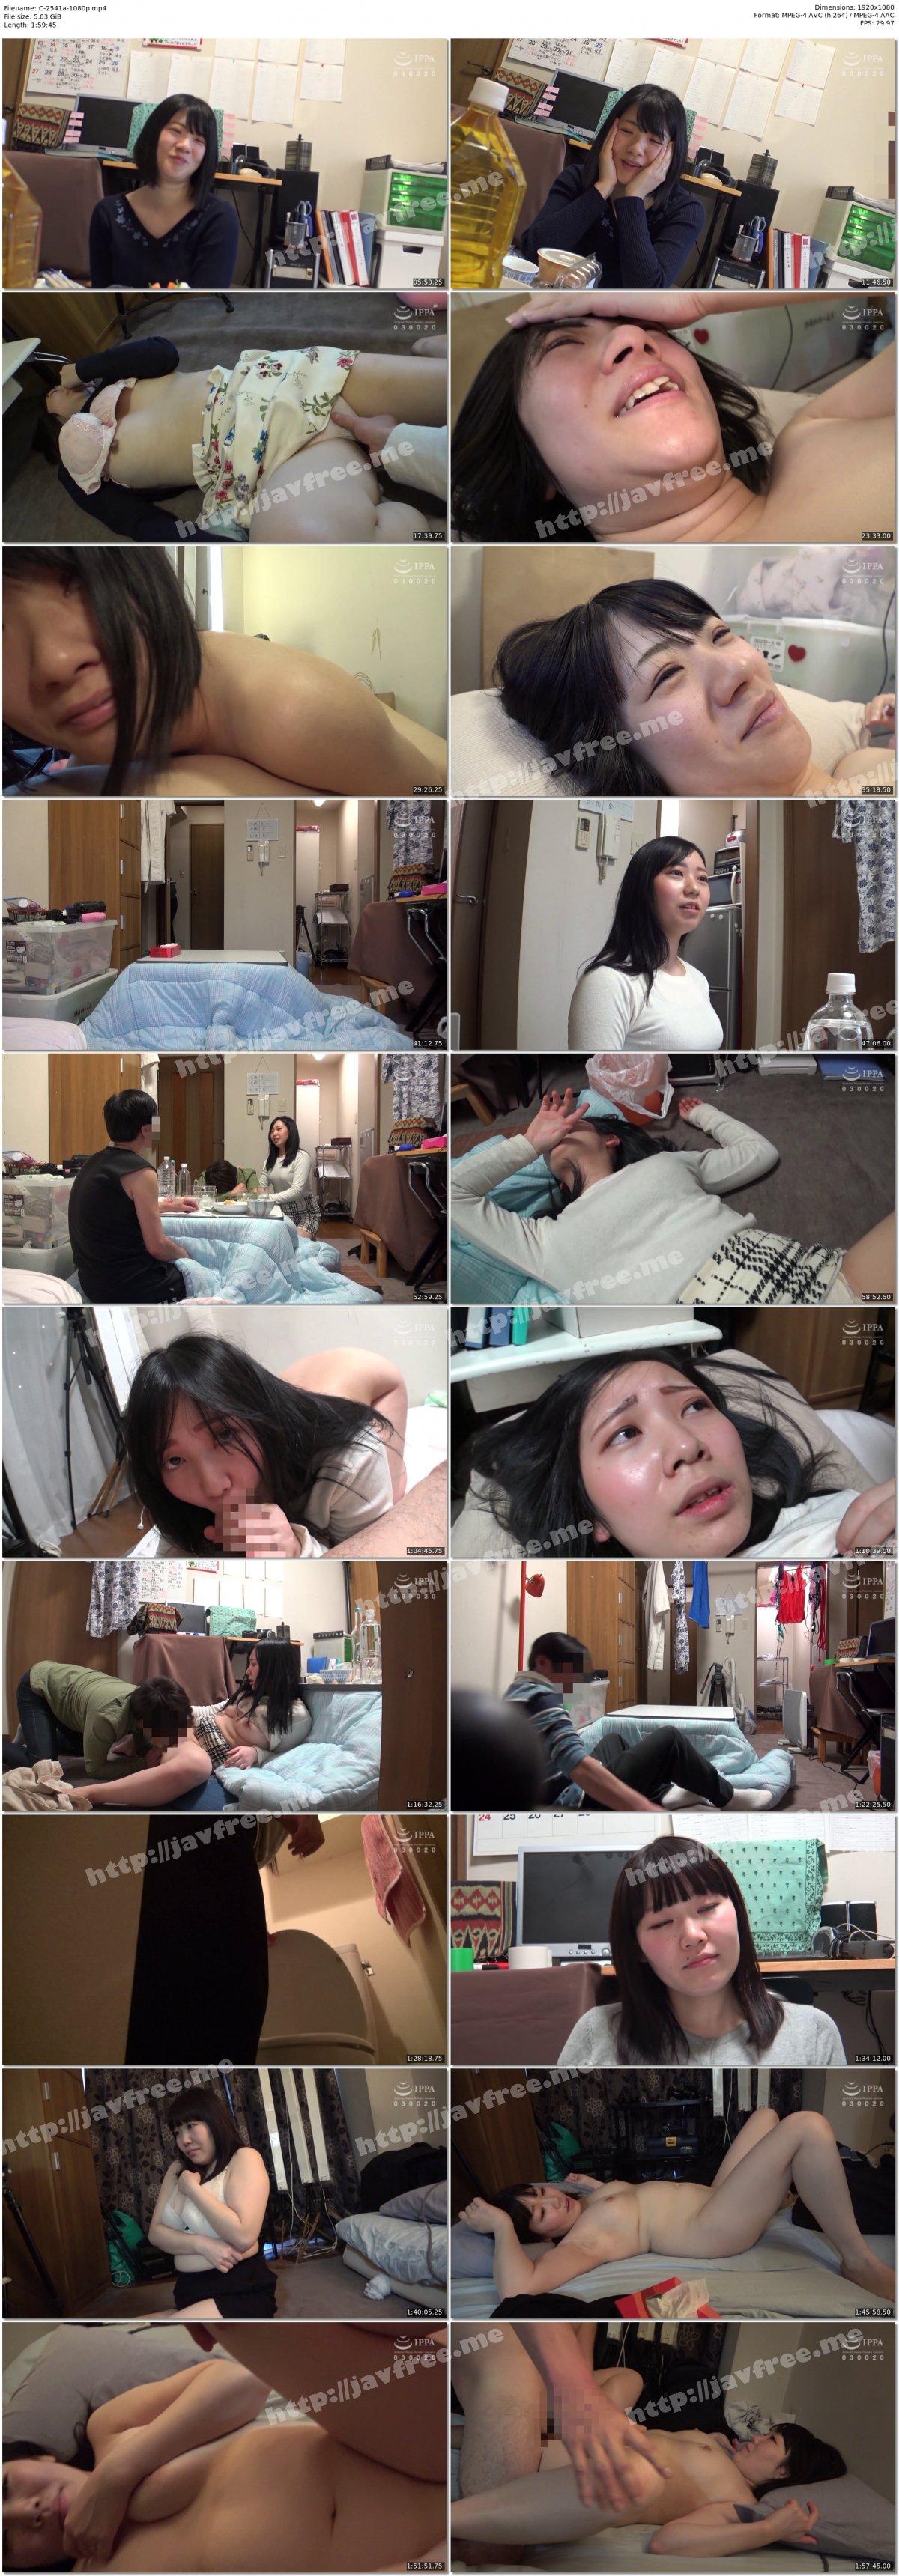 [HD][C-2541] 酔いつぶれた旦那さんのすぐ側で奥さんを寝取るThe BEST 2019.Mar-2019.Aug